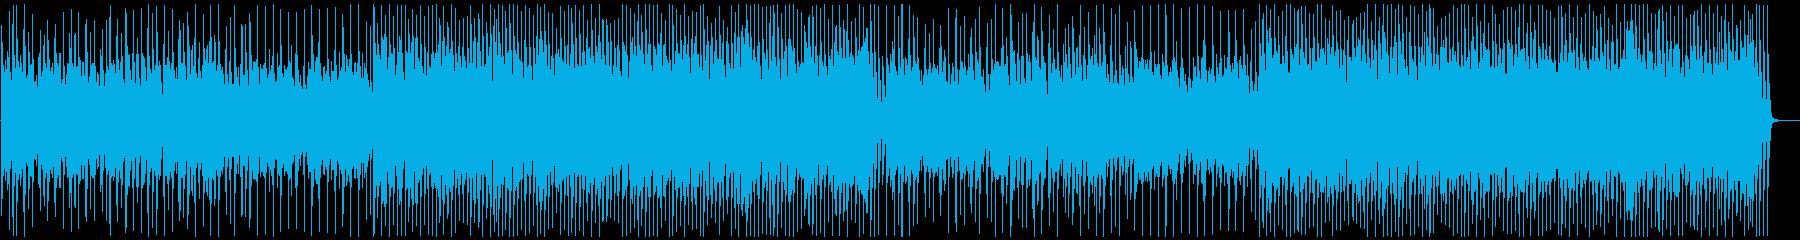 コーポレートに!可愛い手拍子のポップスの再生済みの波形